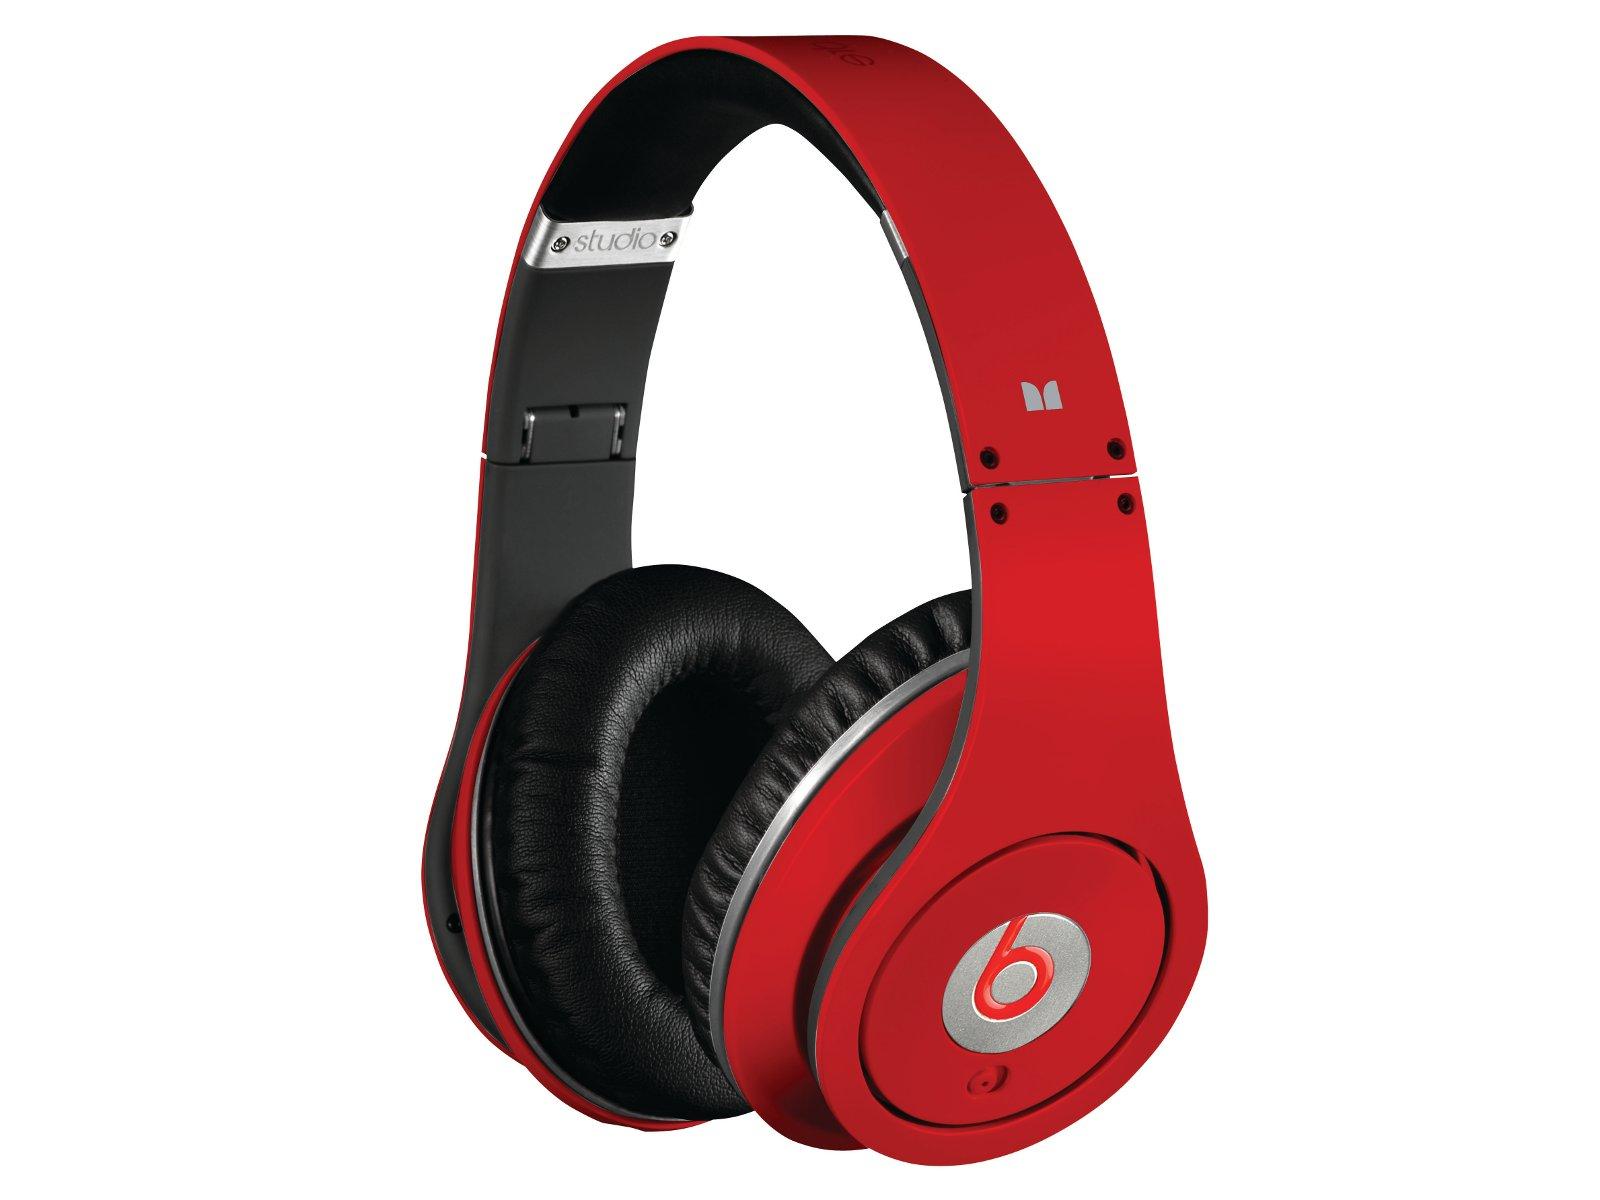 Voucher o wartości 299zł lub 449zł na słuchawki BEATS by dr. dre, przy zakupie iPada Mini 3 lub iPada Air 2 @ ispot.pl